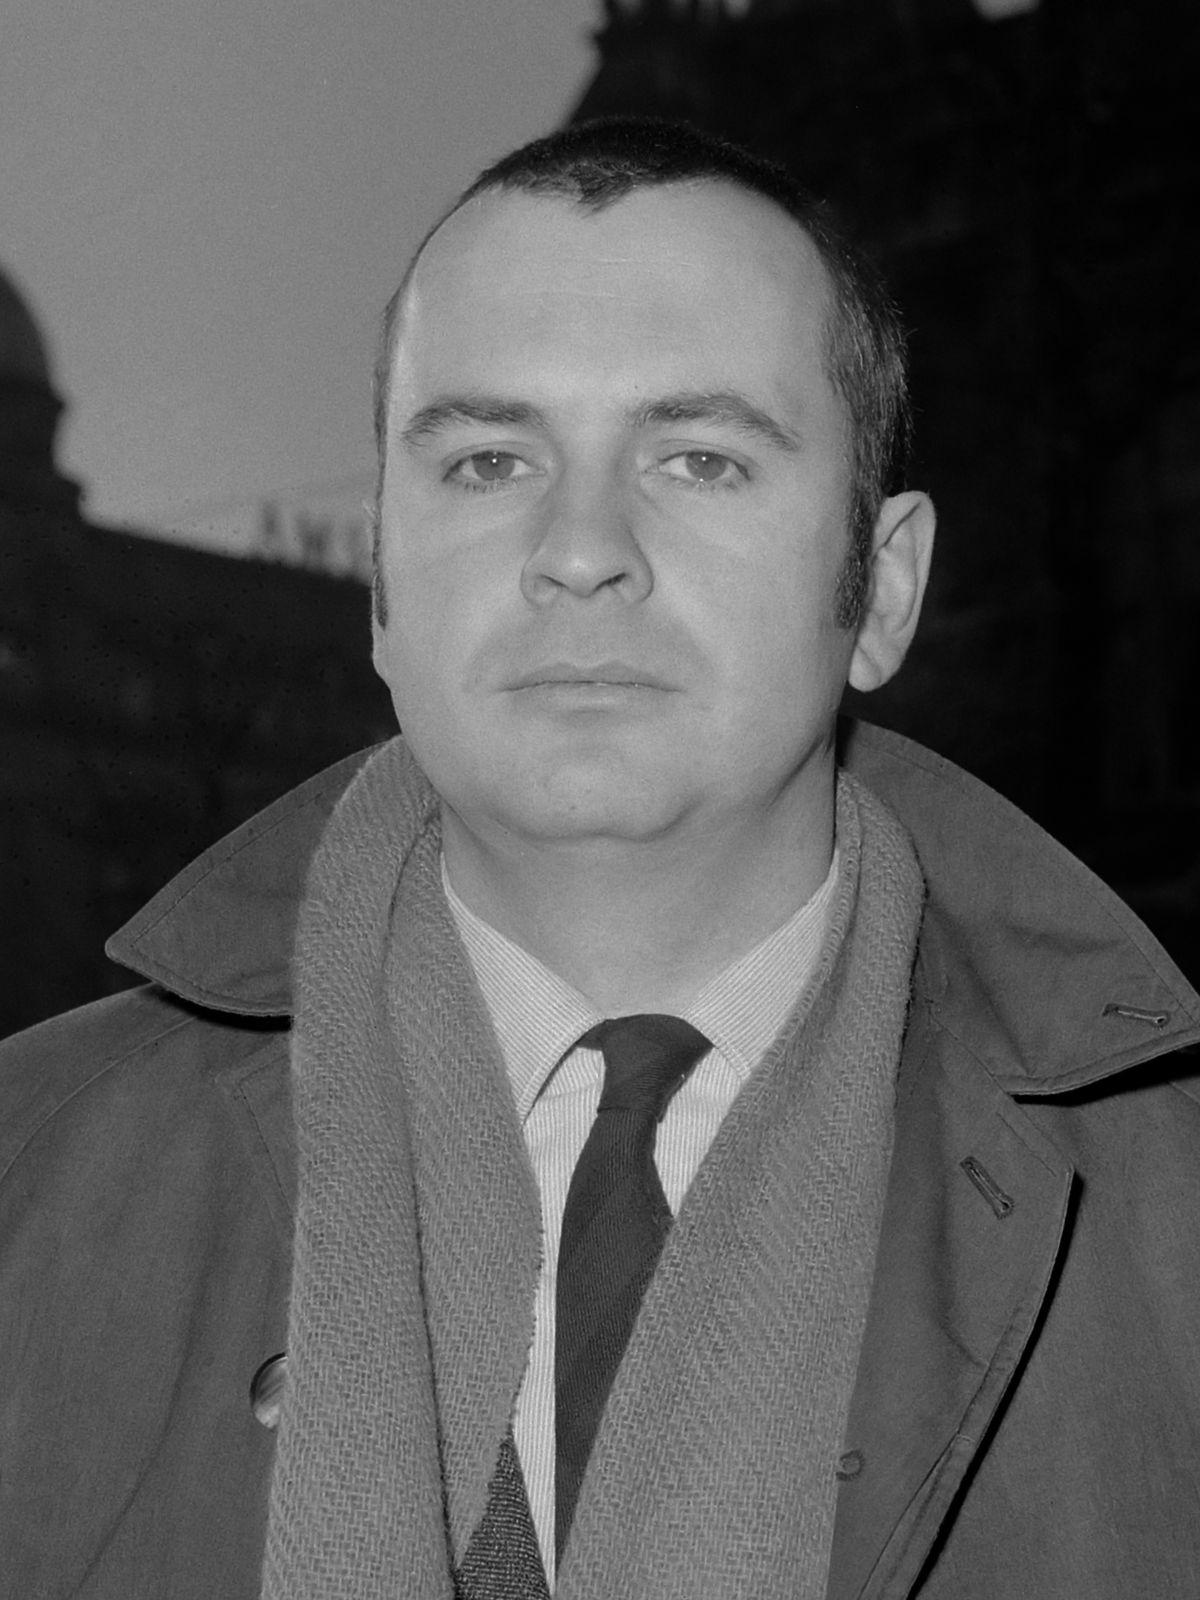 Johan Van Der Keuken